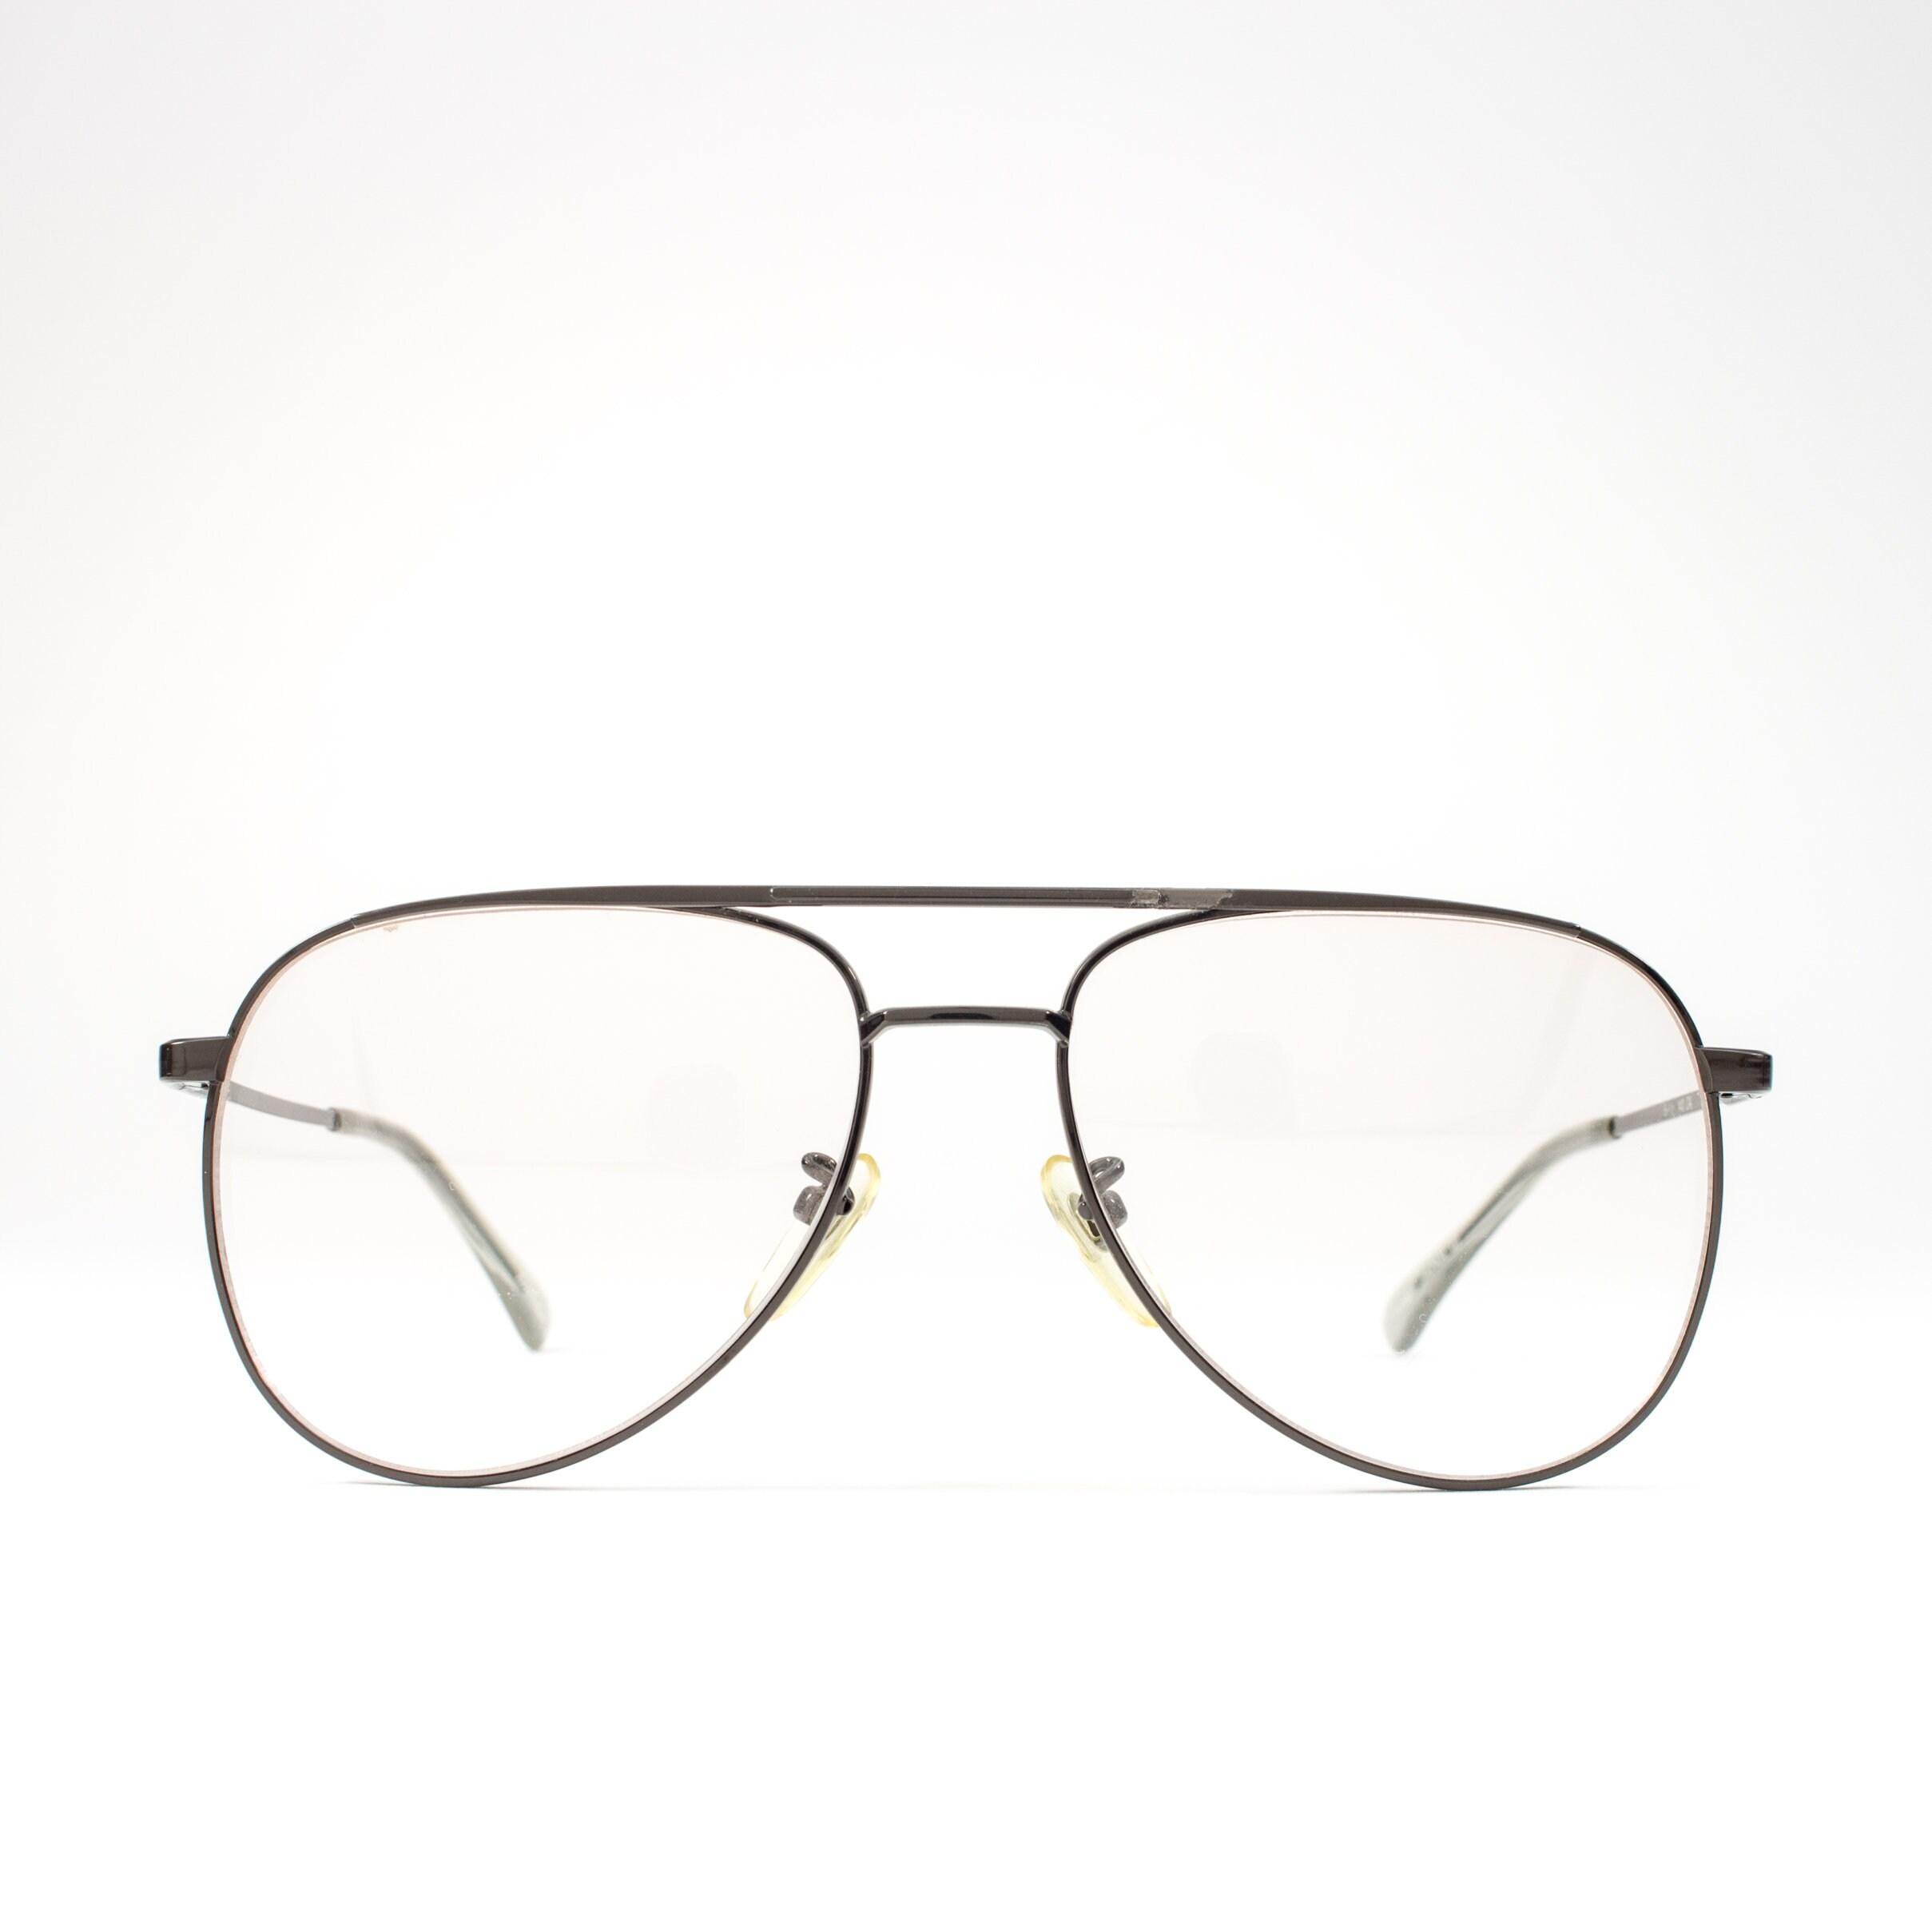 c1b1b3ff8bd 80s Vintage Aviator Glasses